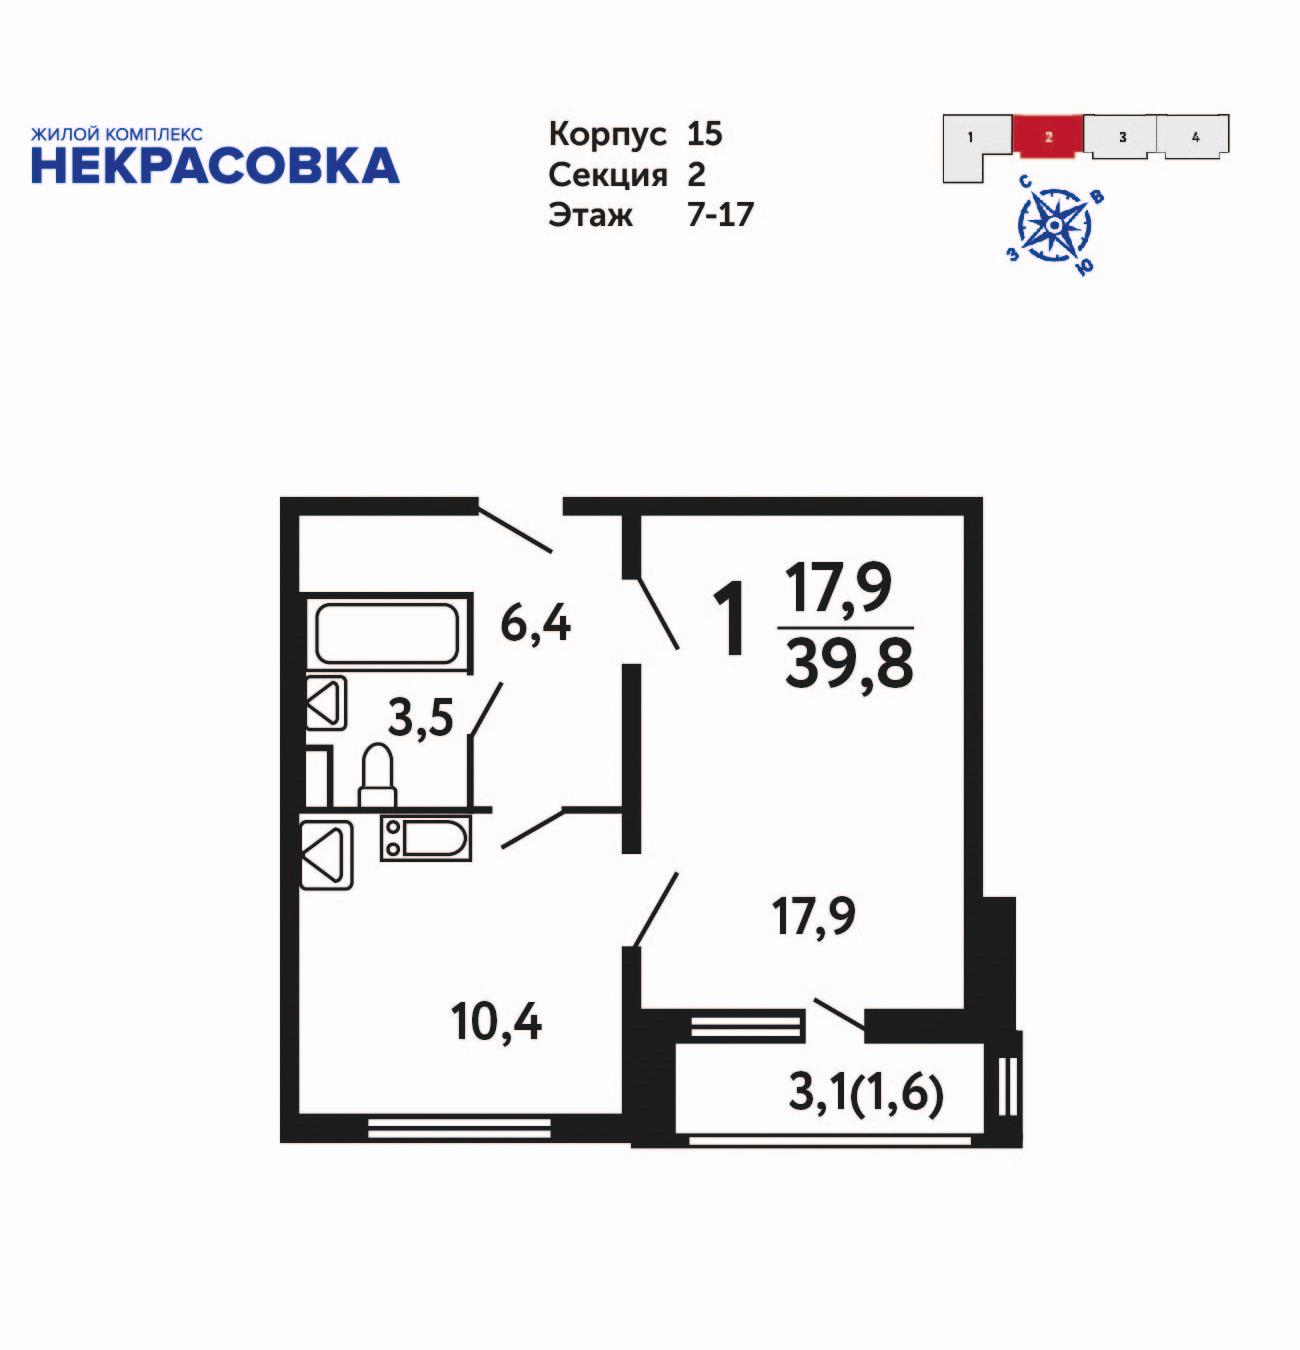 1-комнатная квартира, 39.8м² за 6,2 млн руб.